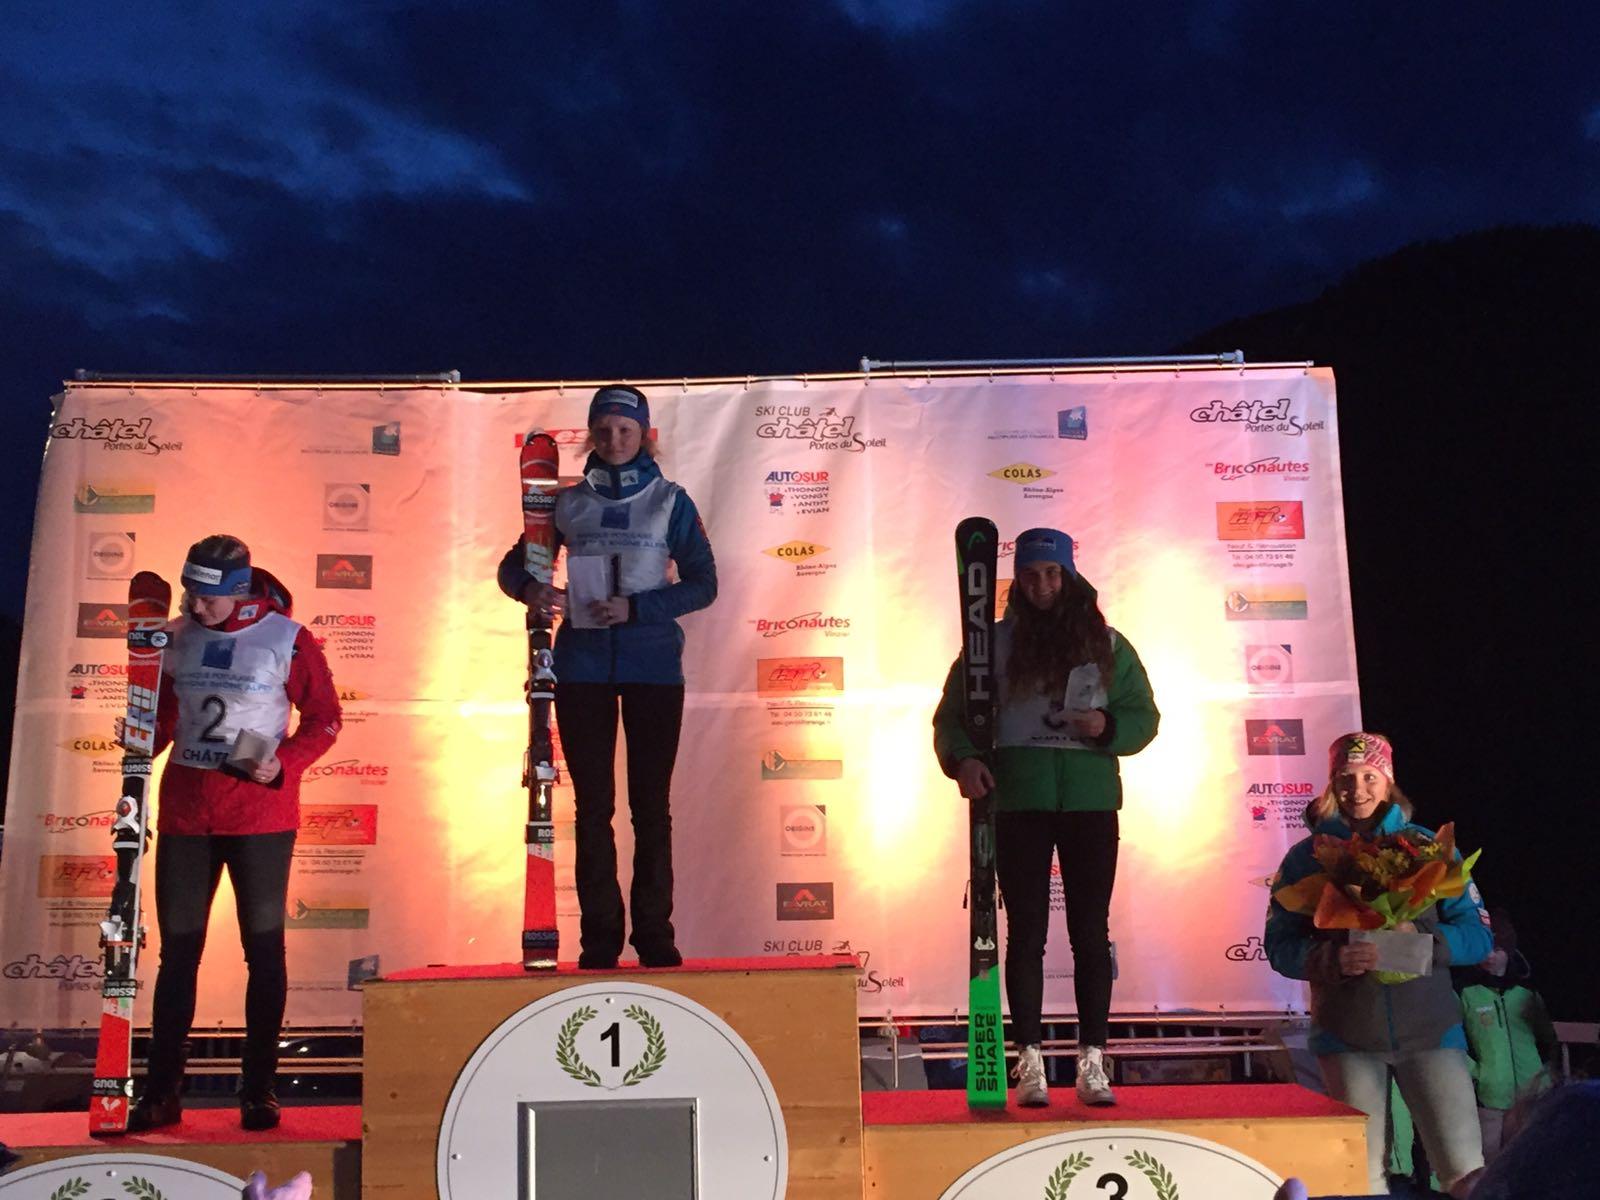 Lysdahl, Riis-Johannessen e Pirovano sul podio del primo gigante a Chatel